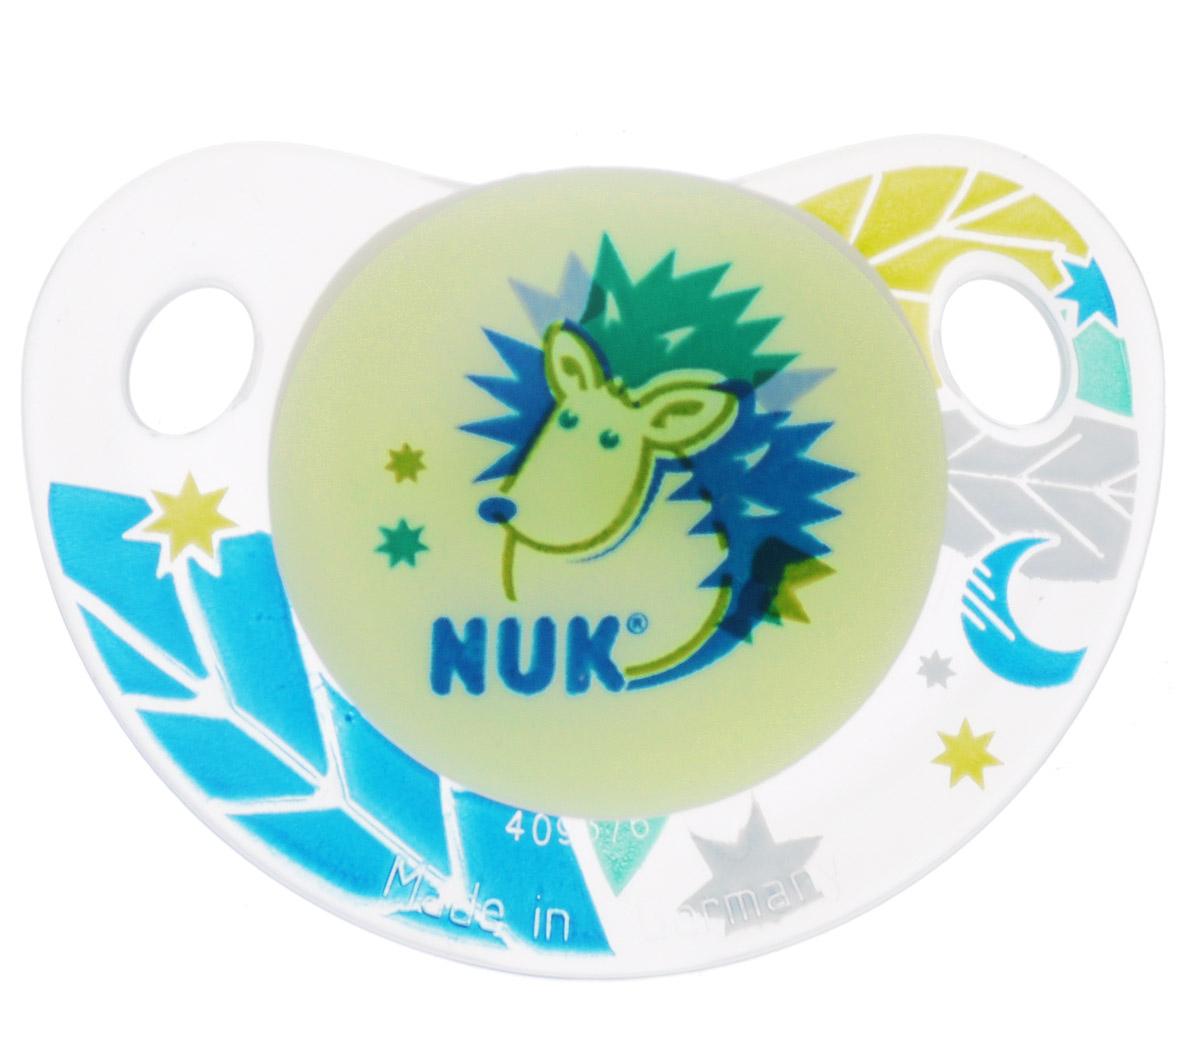 NUK Пустышка силиконовая ортодонтическая Ежик от 18 до 36 месяцев пустышка силиконовая nuk genius ортодонтическая от 18 до 36 месяцев цвет белый голубой